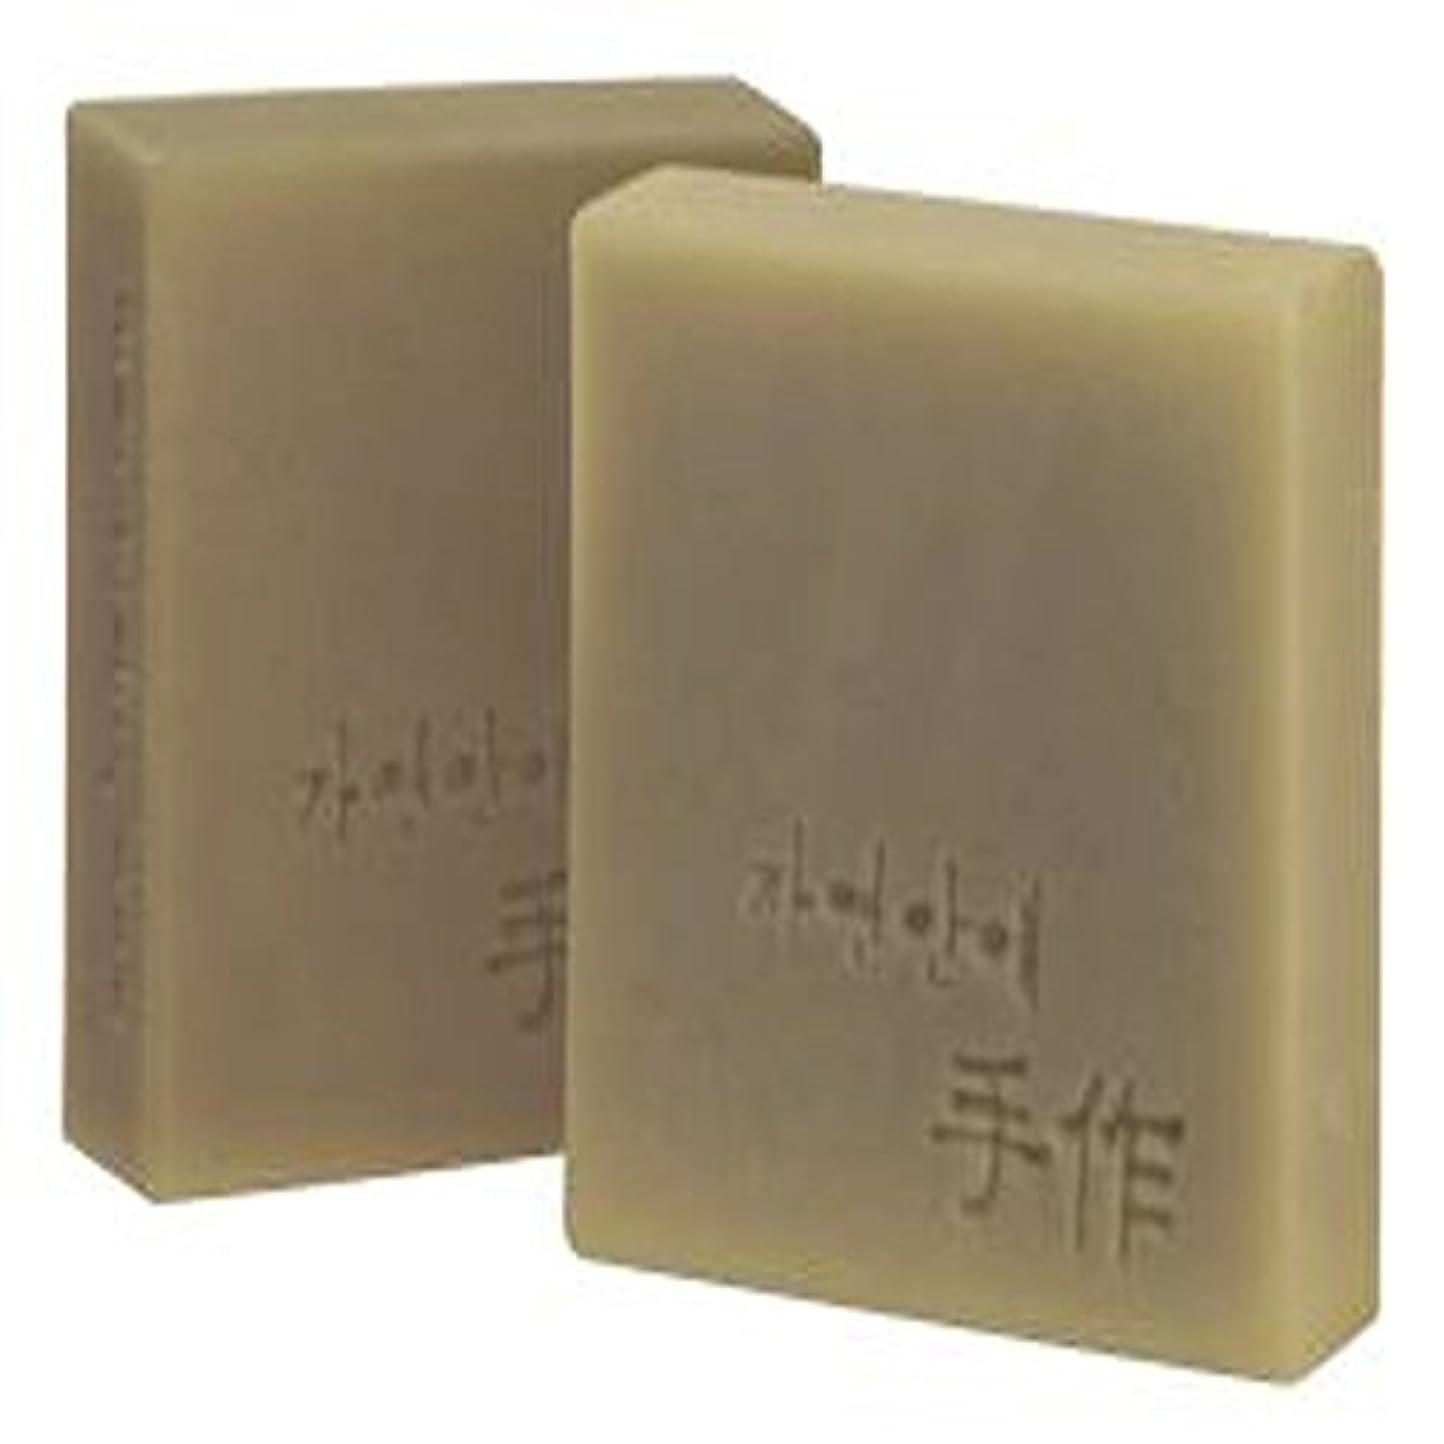 葉コンベンションオアシスNatural organic 有機天然ソープ 固形 無添加 洗顔せっけんクレンジング [並行輸入品] (何首烏)